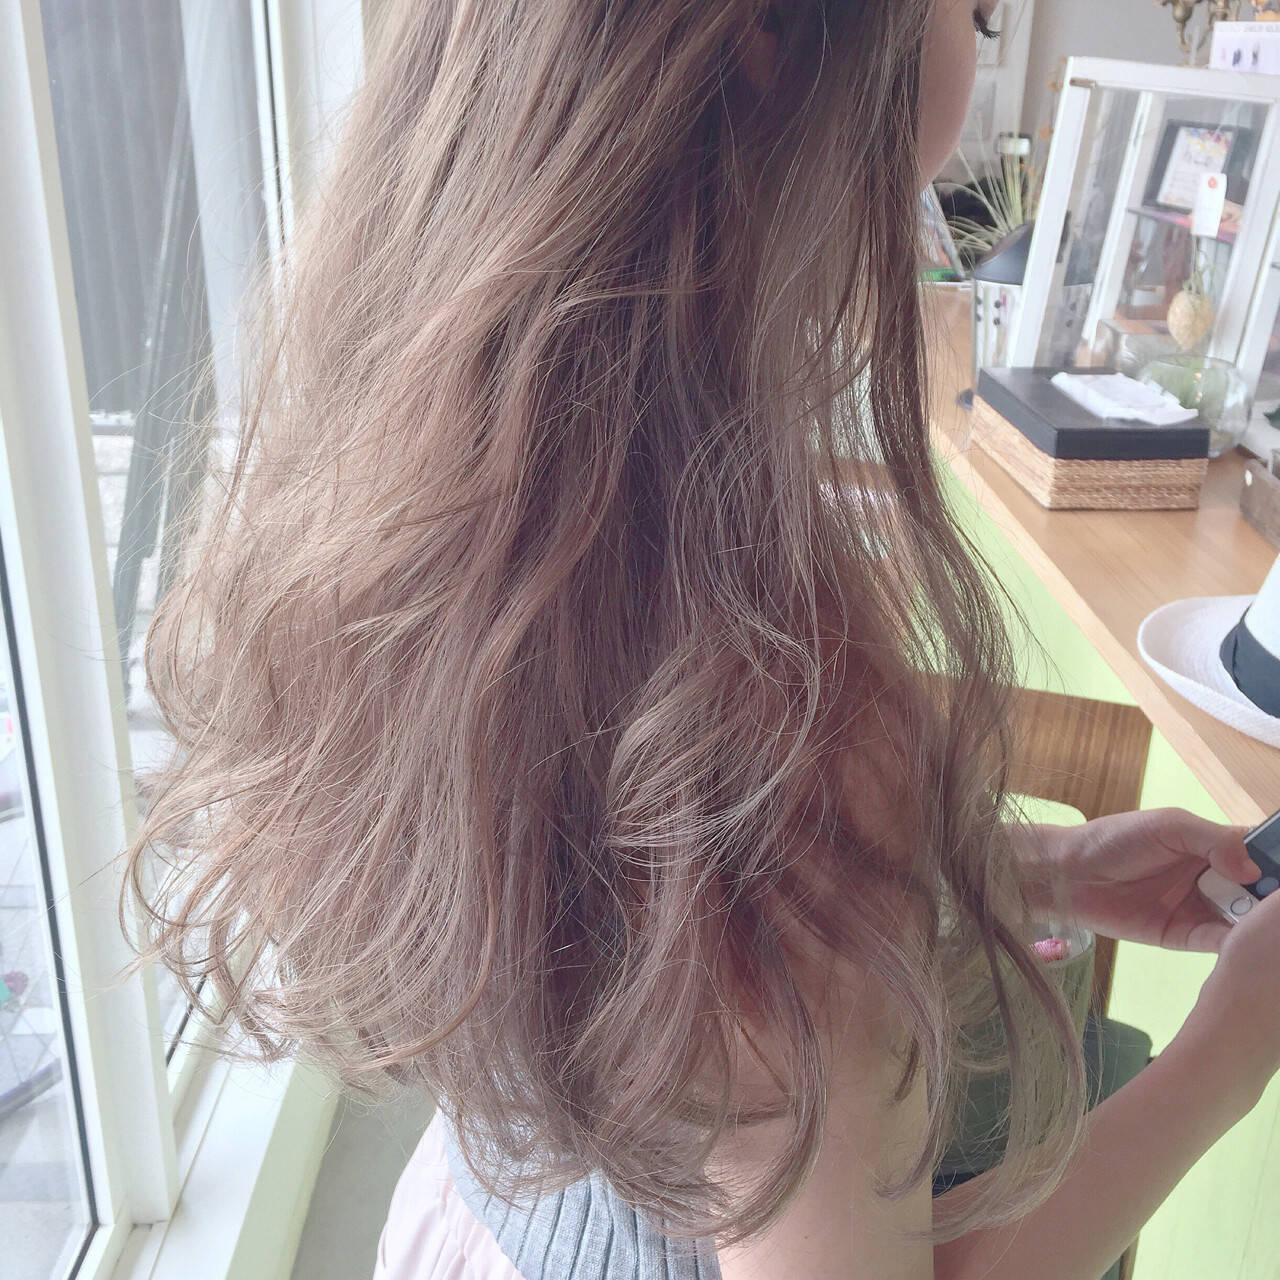 アッシュ ロング 外国人風 ストリートヘアスタイルや髪型の写真・画像